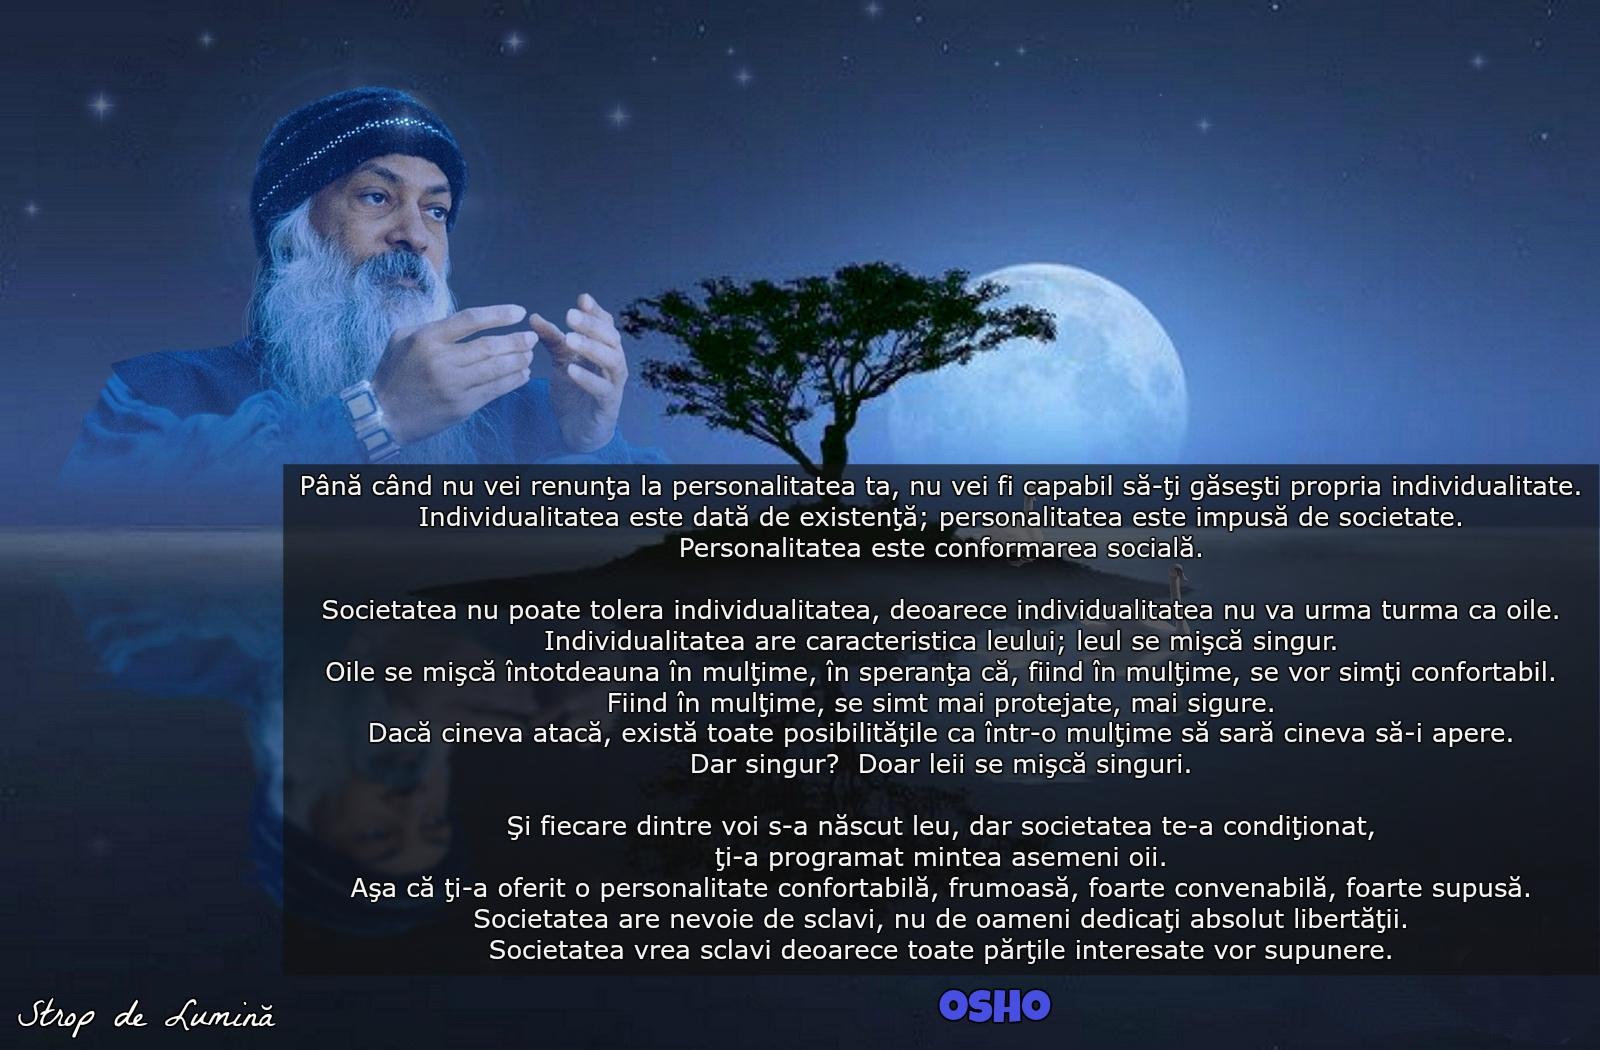 osho citate despre iubire citat OSHO | Strop de lumina osho citate despre iubire